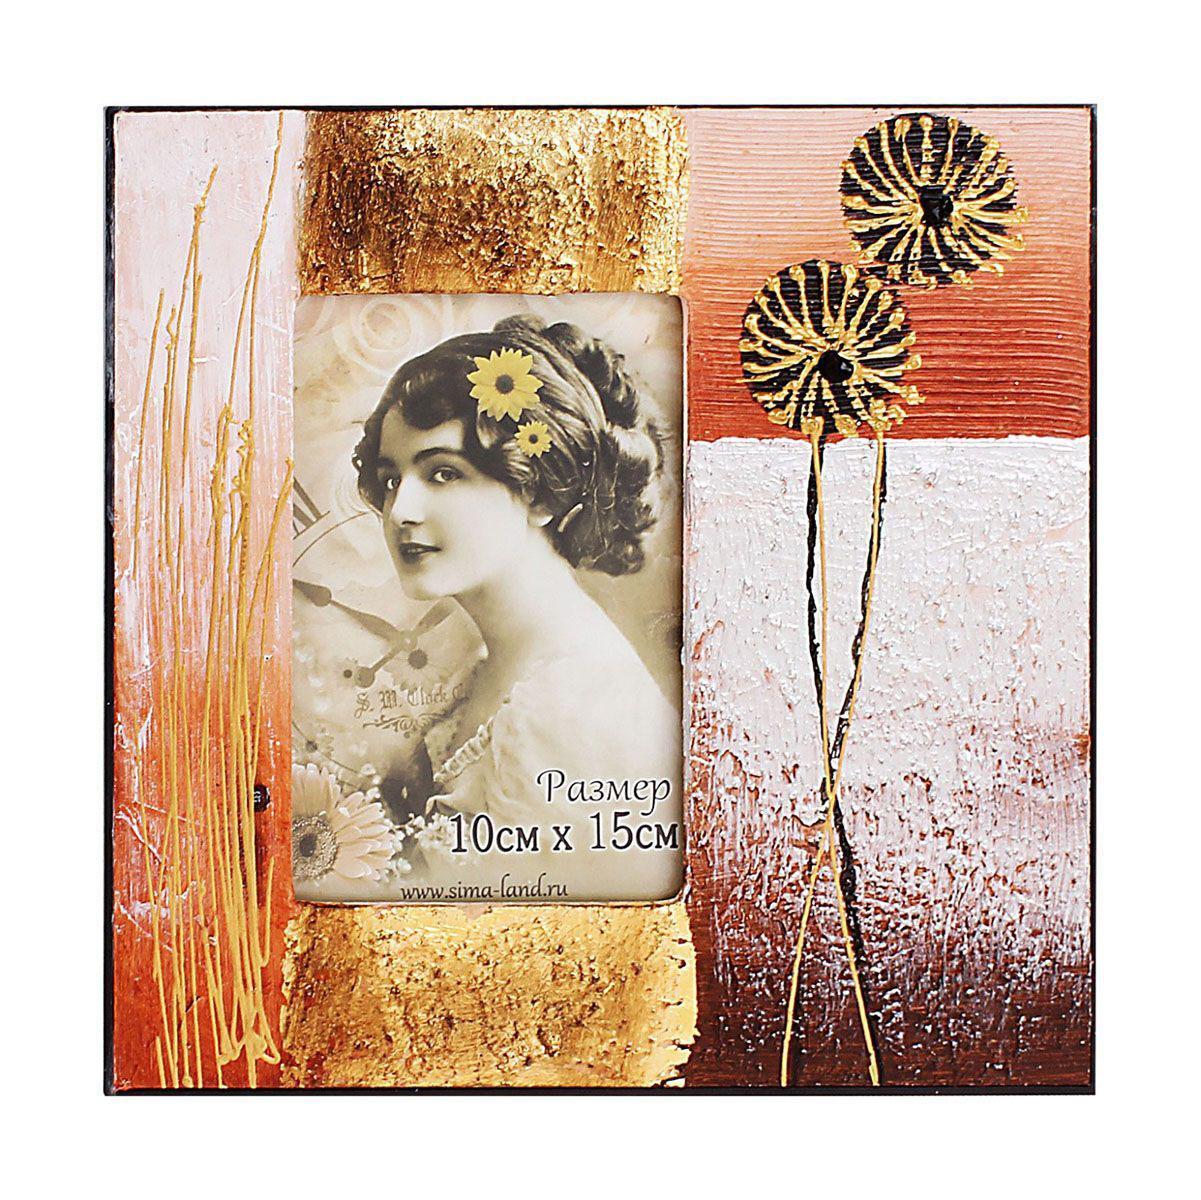 Фоторамка Sima-land Экспрессия, цвет: золотистый, серебристый, медный, 10 х 15 см503984Декоративная фоторамка Sima-land Экспрессия выполнена из пластика и декорирована изображением двух цветков. На рамку нанесена золотистая и серебристая краски, придающие изделию оригинальность. Обратная сторона рамки оснащена специальной ножкой, благодаря которой ее можно поставить на стол или любое другое место в доме или офисе. Такая фоторамка украсит ваш интерьер необычным образом, а также позволит сохранить память о дорогих вам людях и интересных событиях вашей жизни. С ней вы сможете не просто внести в интерьер своего дома элемент оригинальности, но и создать атмосферу загадочности и изысканности.